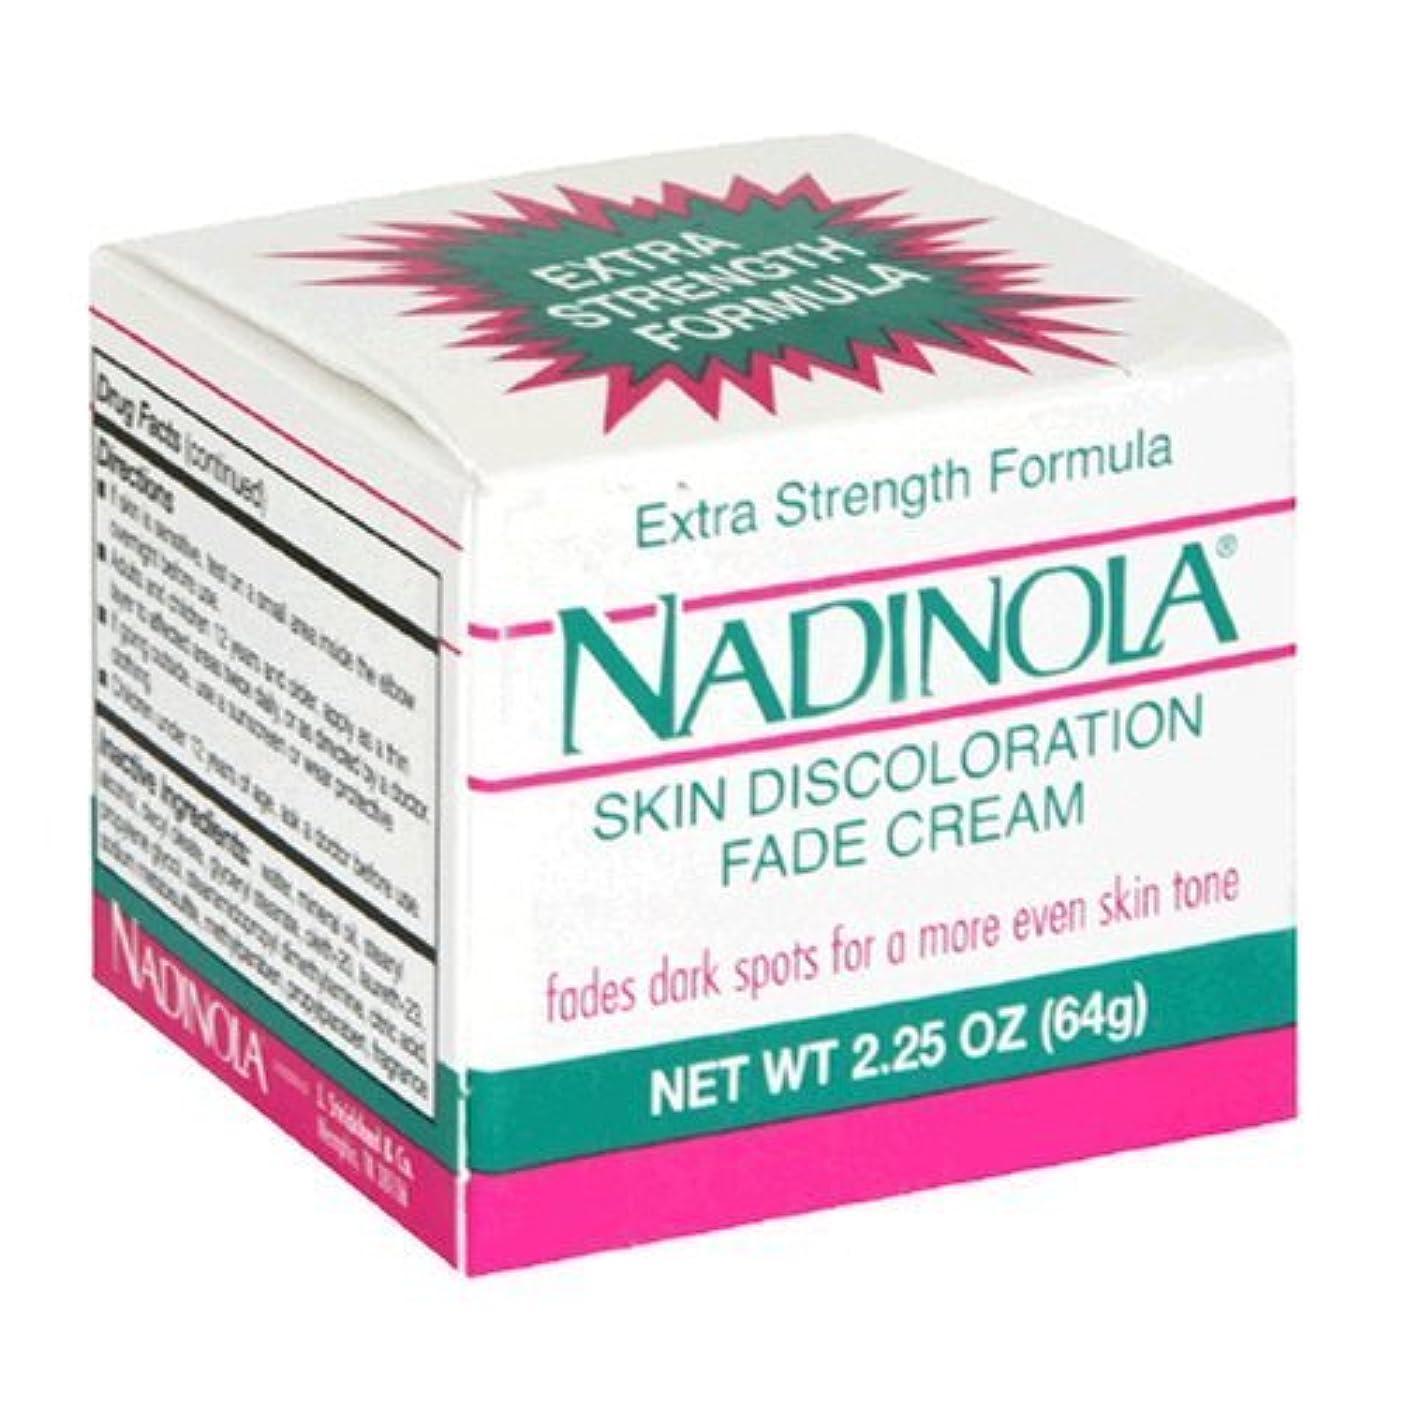 応用議会拡散するNadinola Discoloration Fade Cream 2.25oz Extra Strength (並行輸入品)